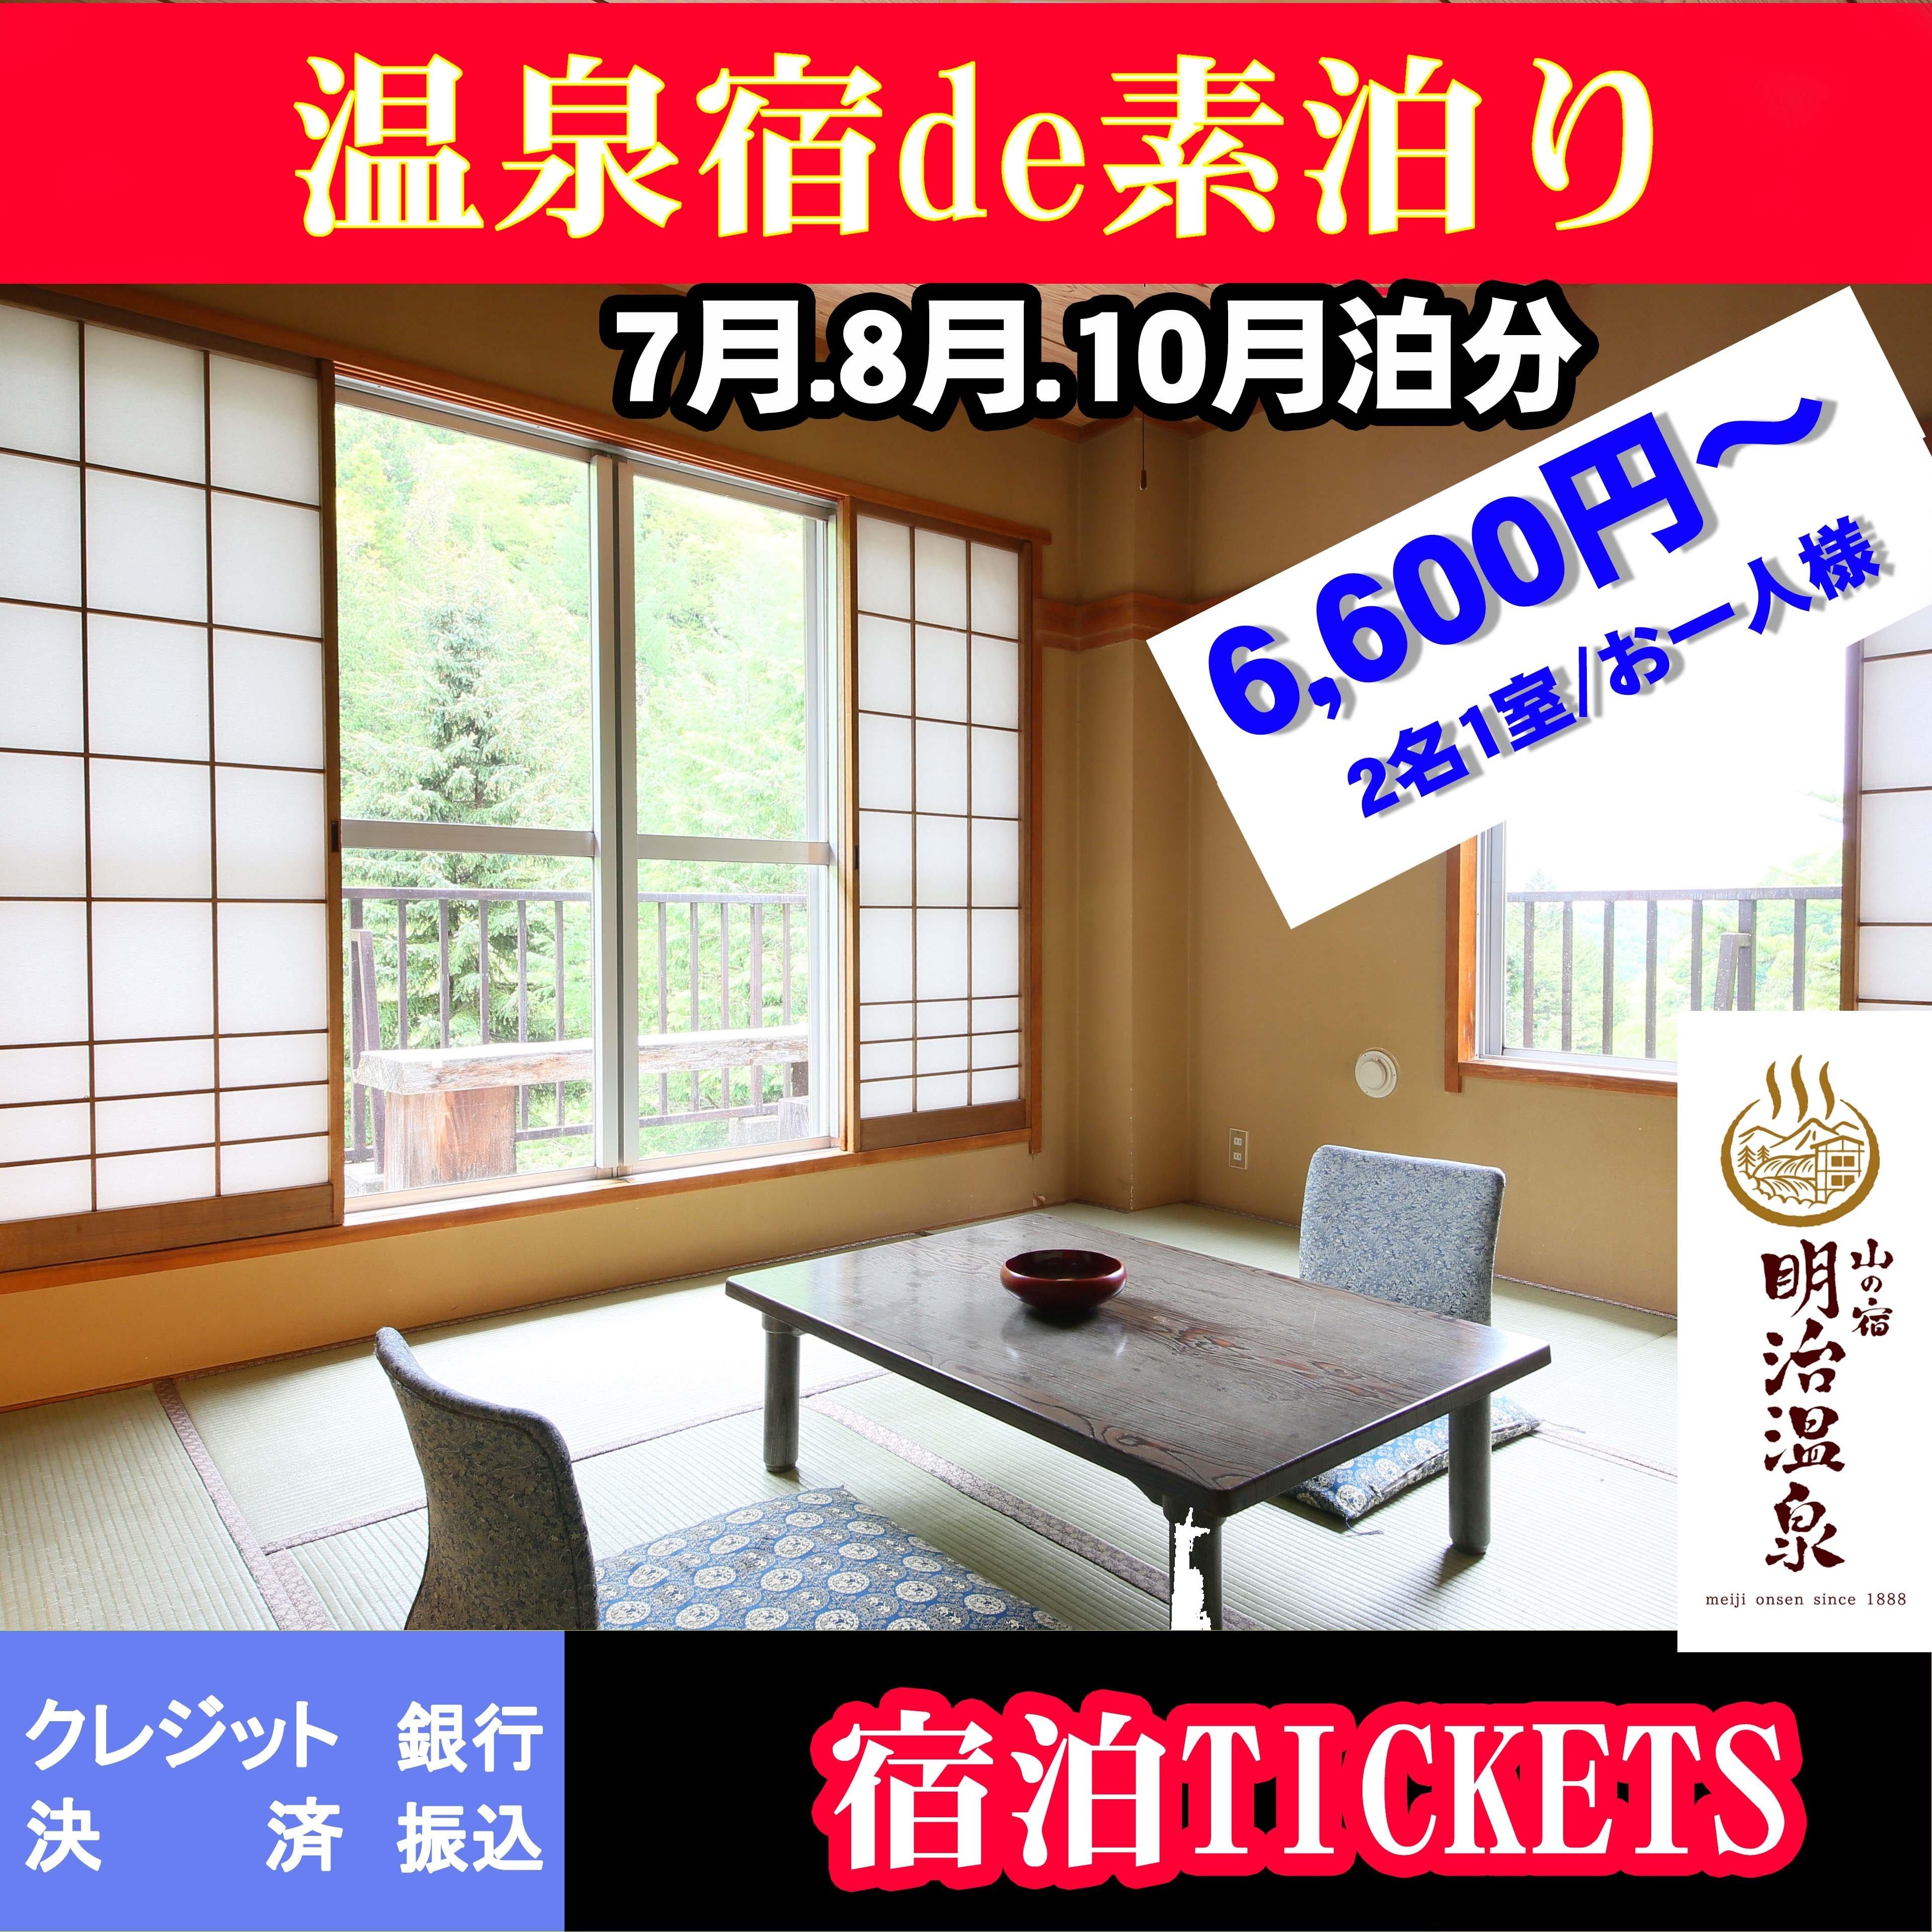 長野県の秘境の温泉宿で素泊りを楽しもう![素泊り]2名1室 7月-8月-10月宿泊分のイメージその1